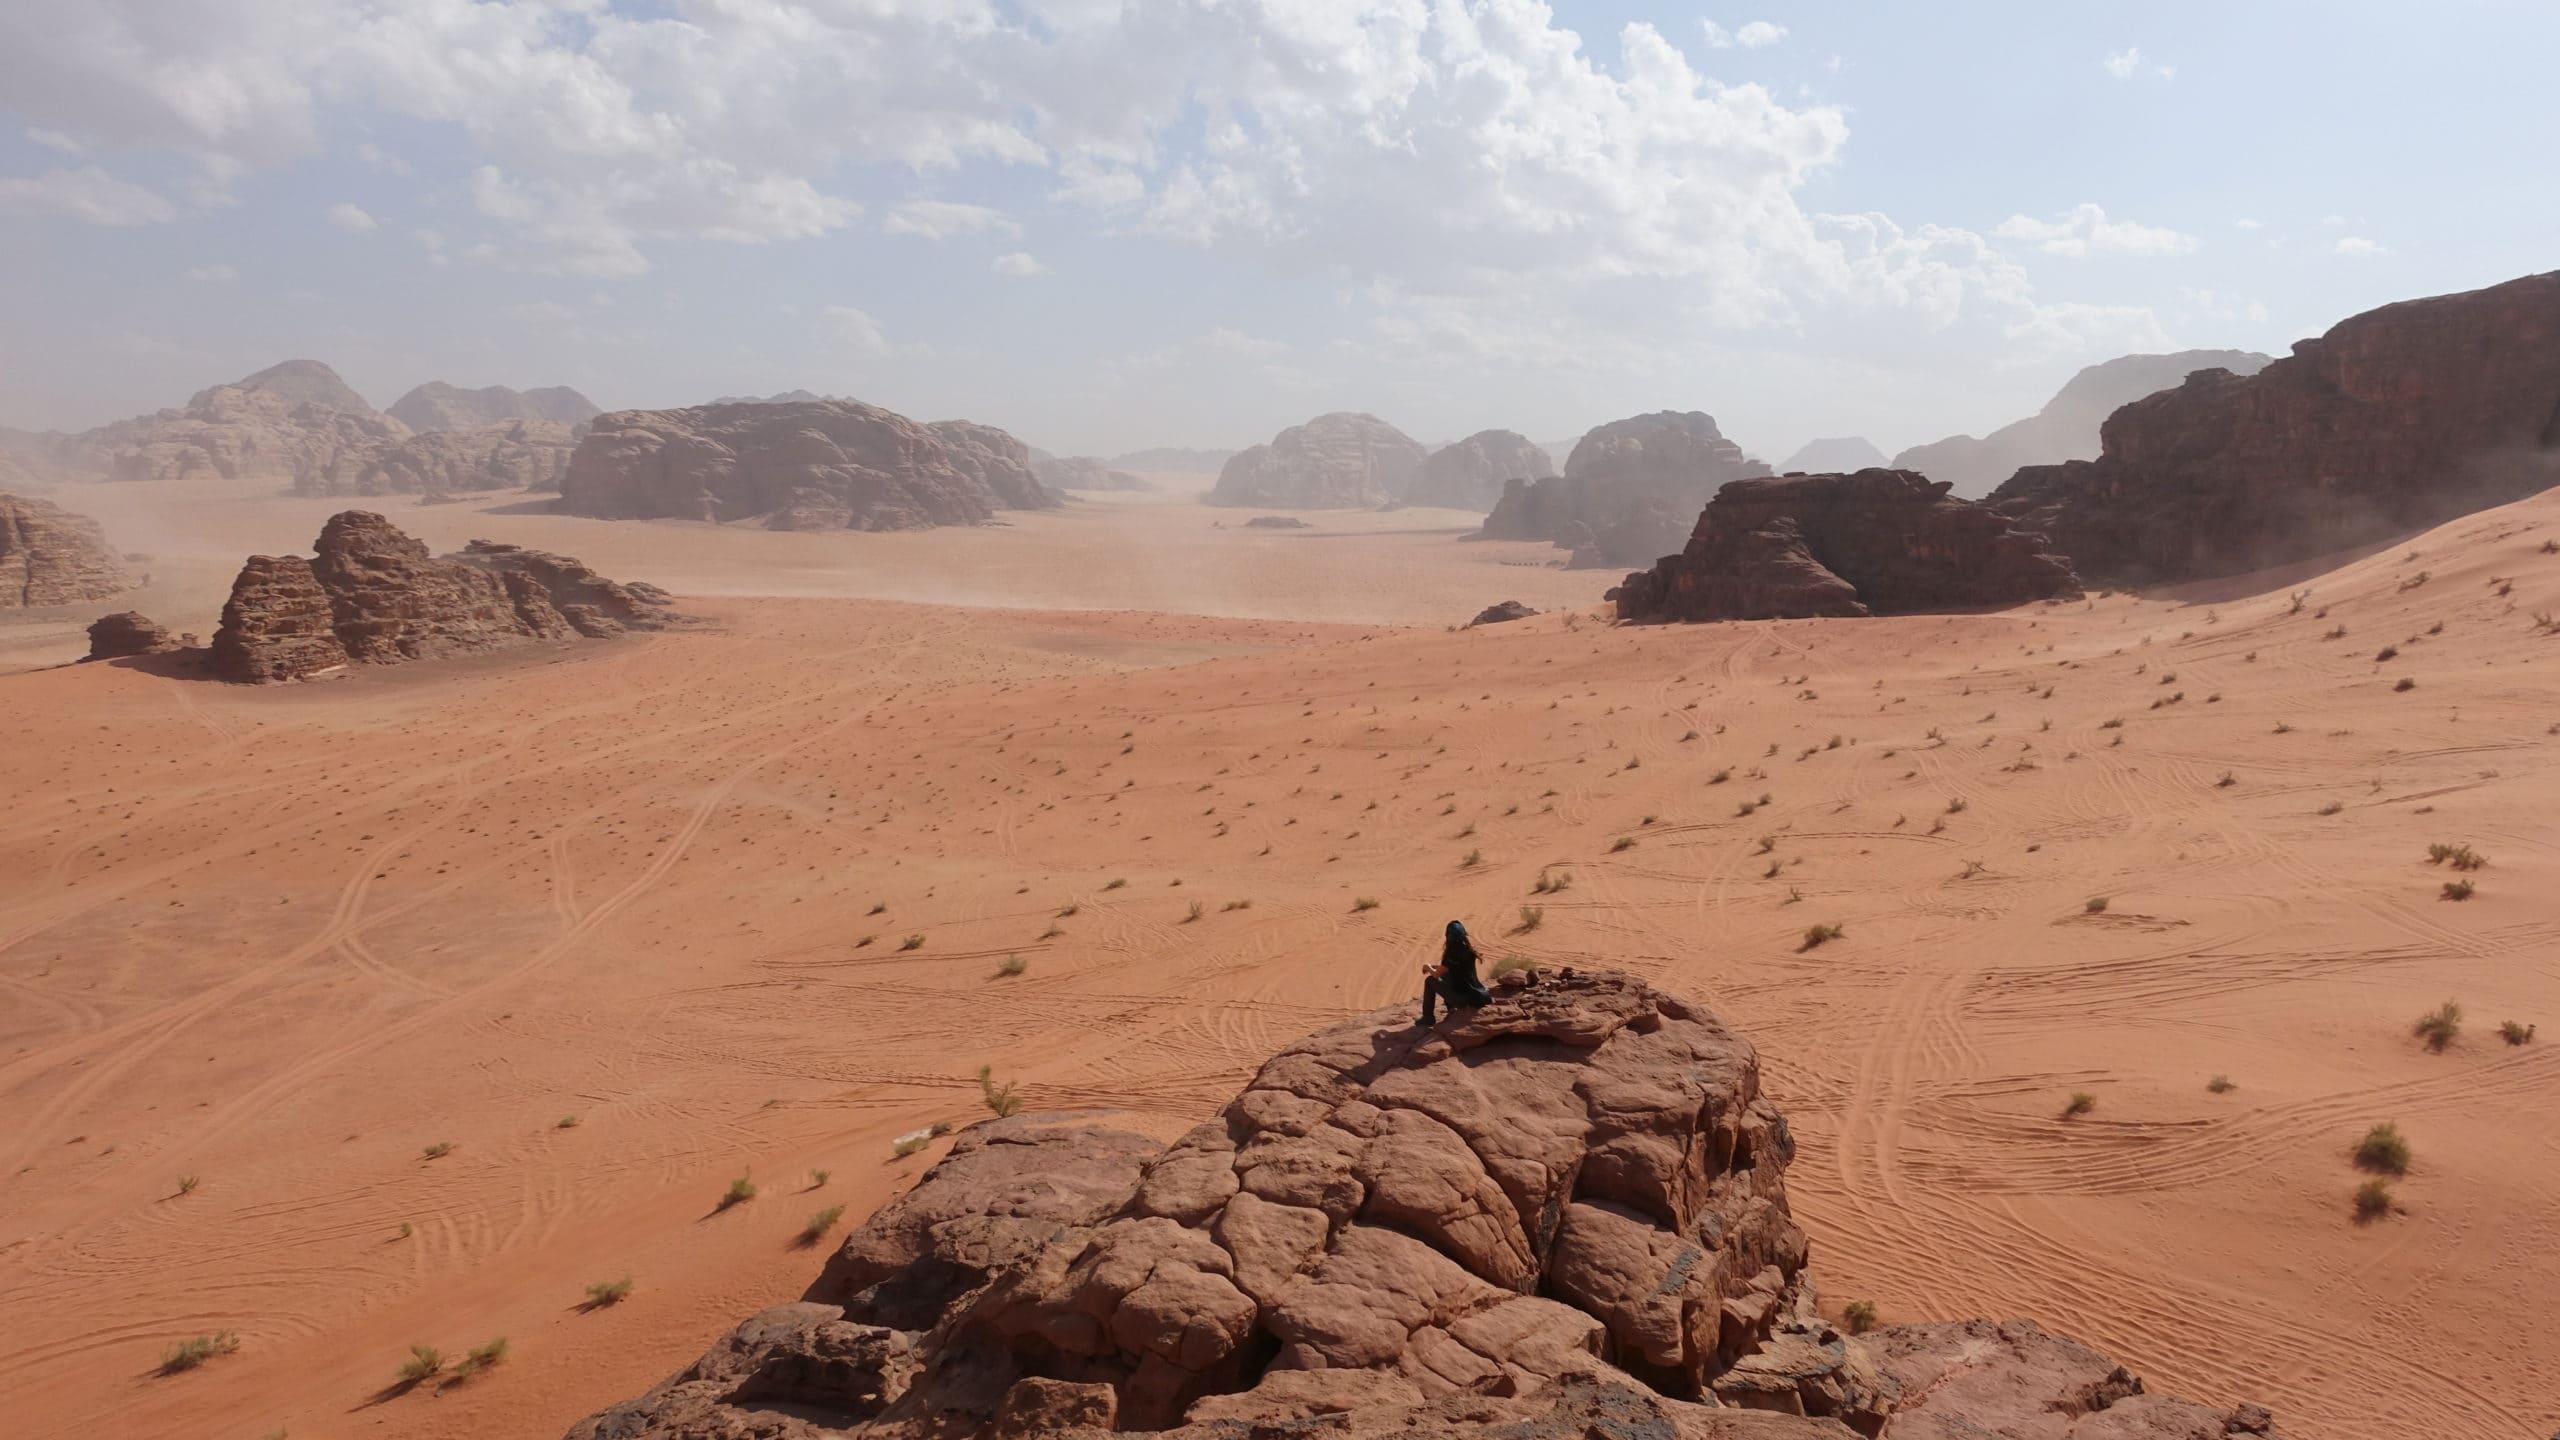 Ins Wadi Rum sollte man unbedingt ein Tuch für Haare und Gesicht mitnehmen, es wird dort extrem staubig bei der Fahrt auf der Ladefläche der Pickups!